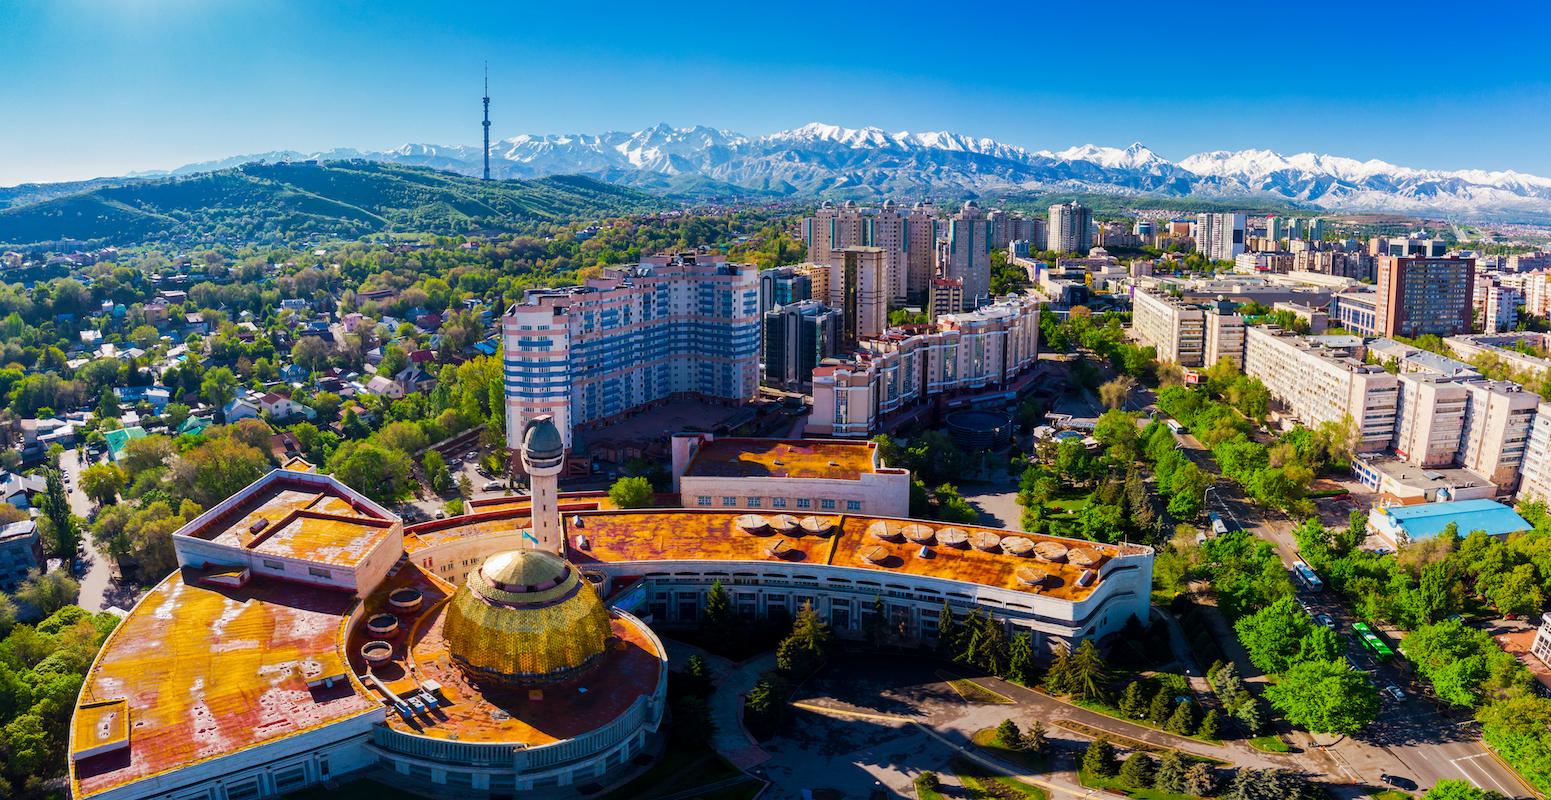 カザフスタン、マイニングの電力使用量を国全体で100MWに制限──新規施設は1MW